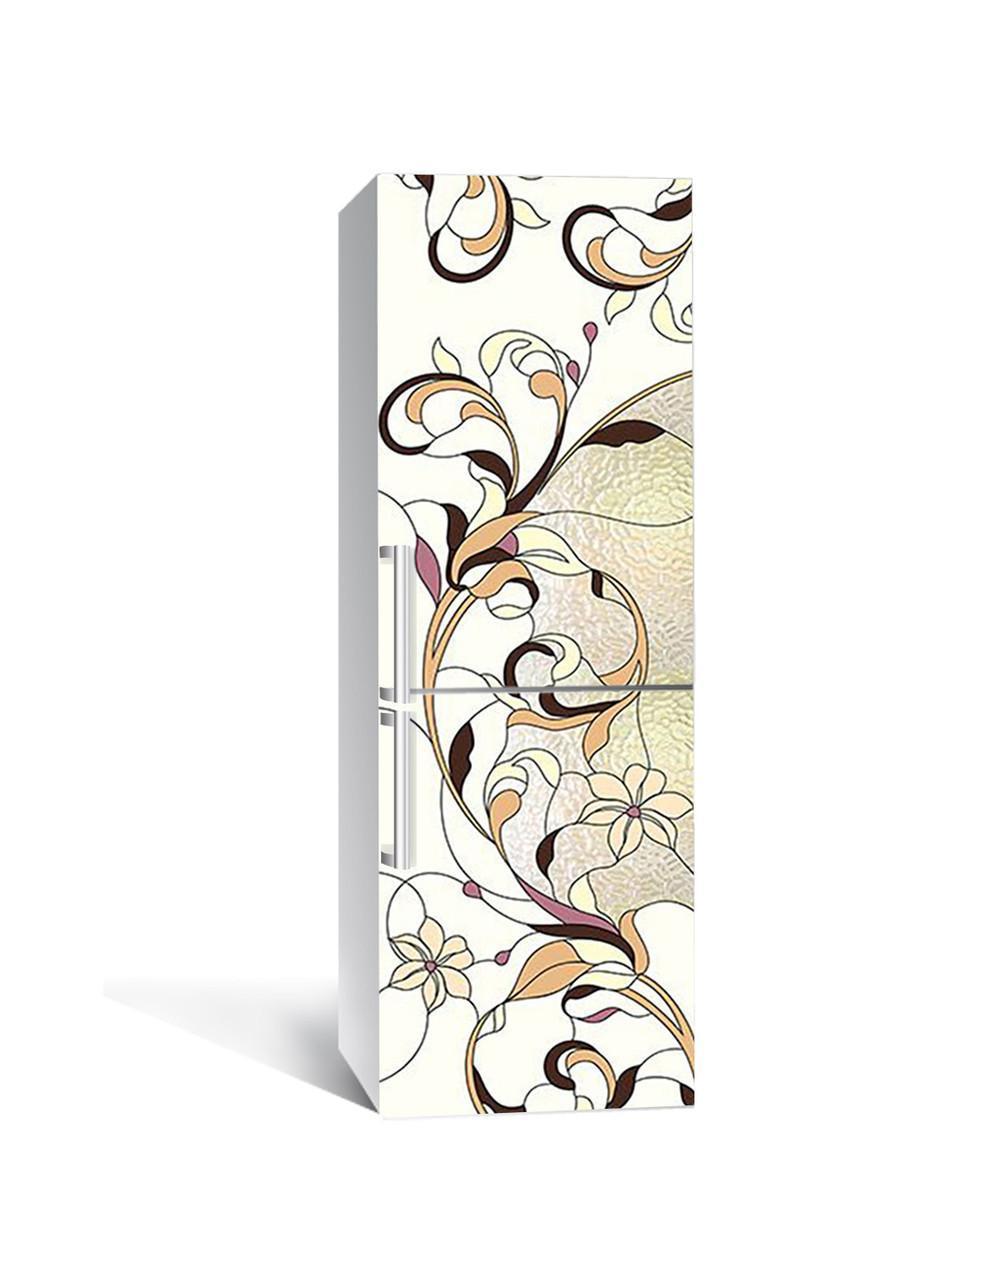 Наклейка на холодильник Zatarga «Поетичний вітраж» 650х2000 мм вінілова 3Д наклейка декор на кухню